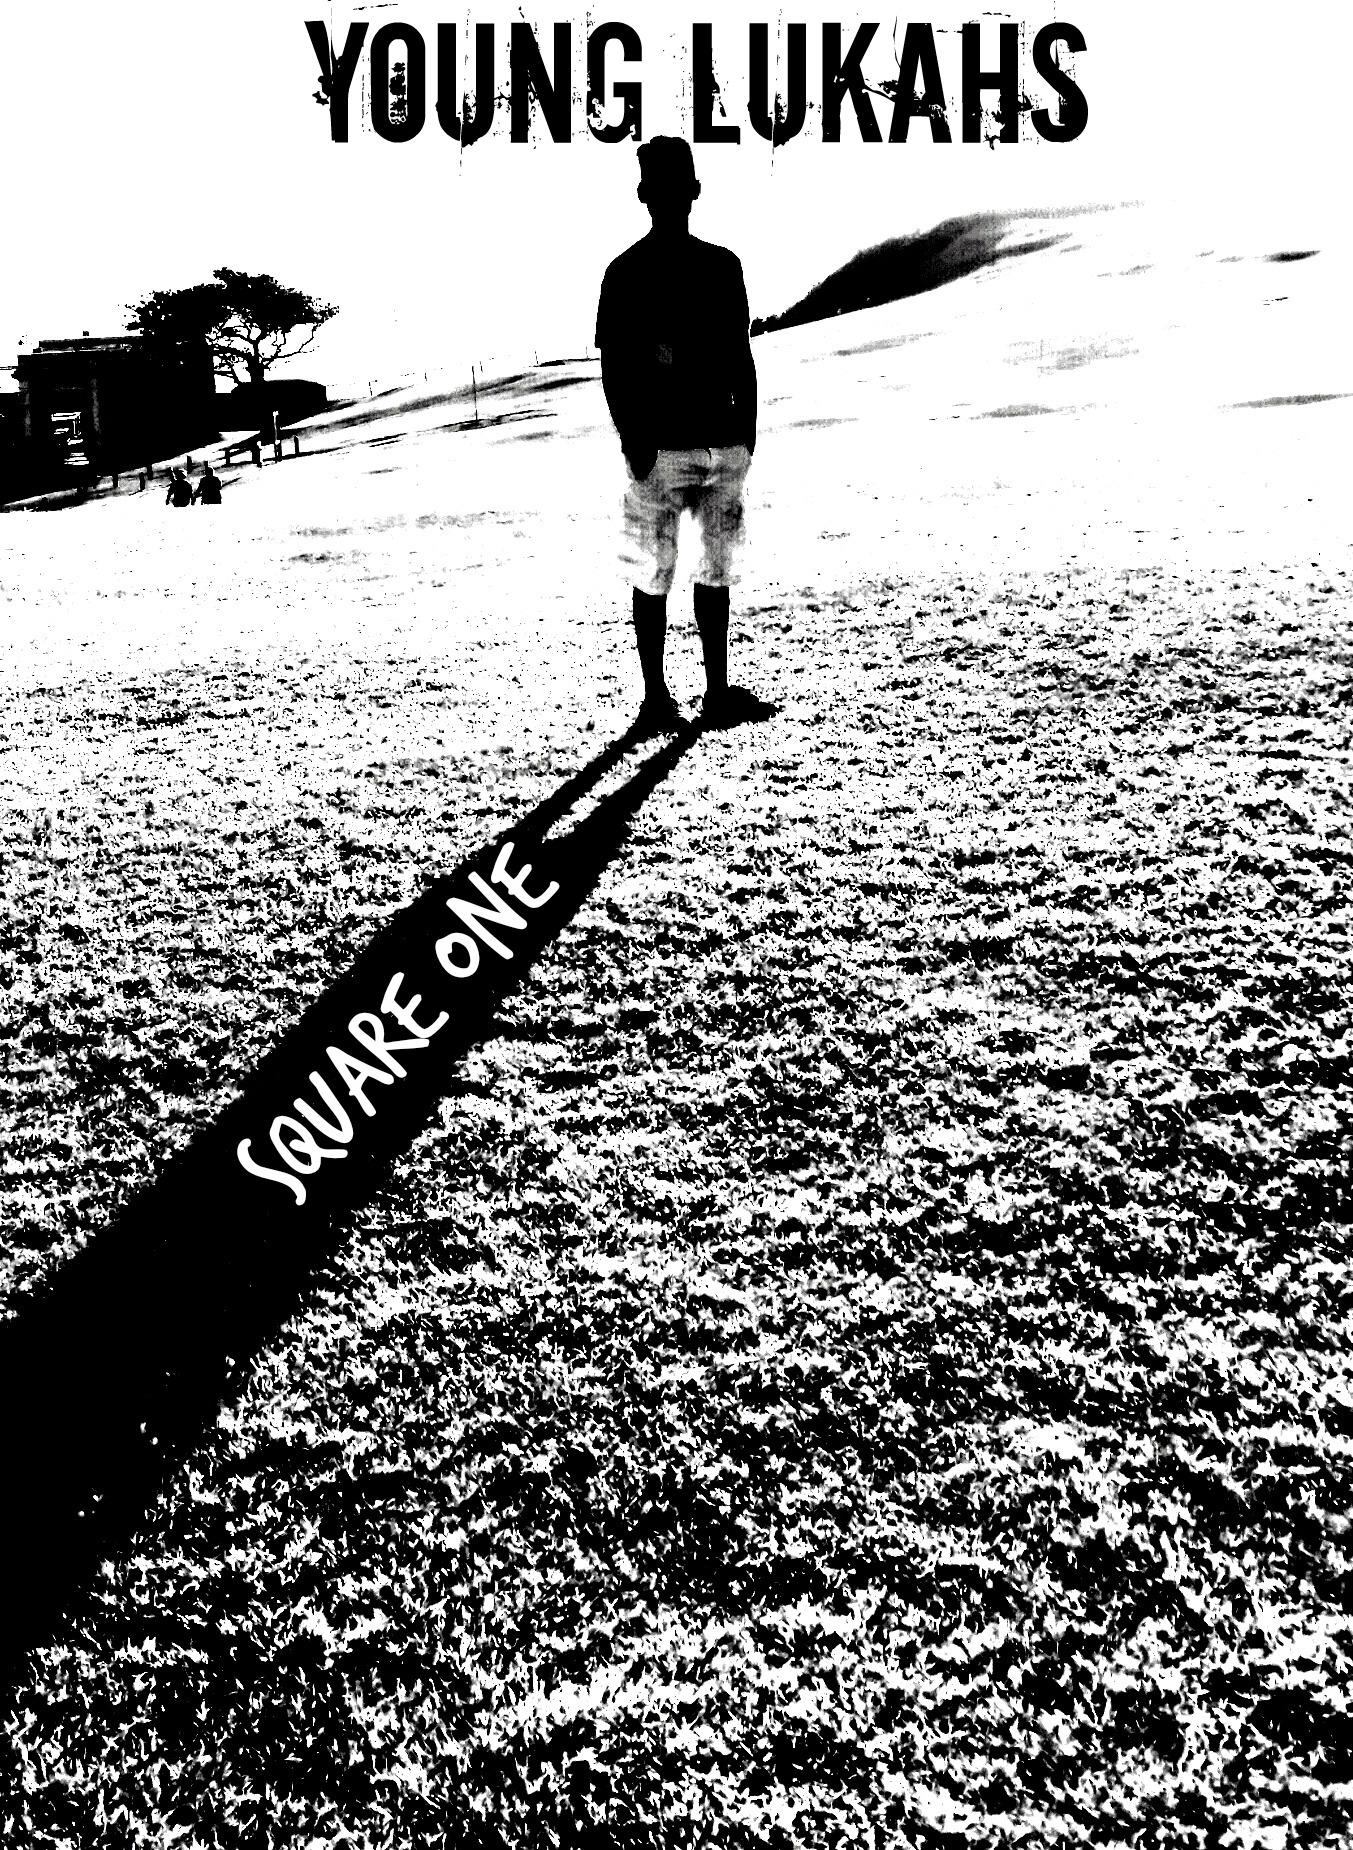 8dfc373de377d6ab7471_Album_Cover-1.jpg